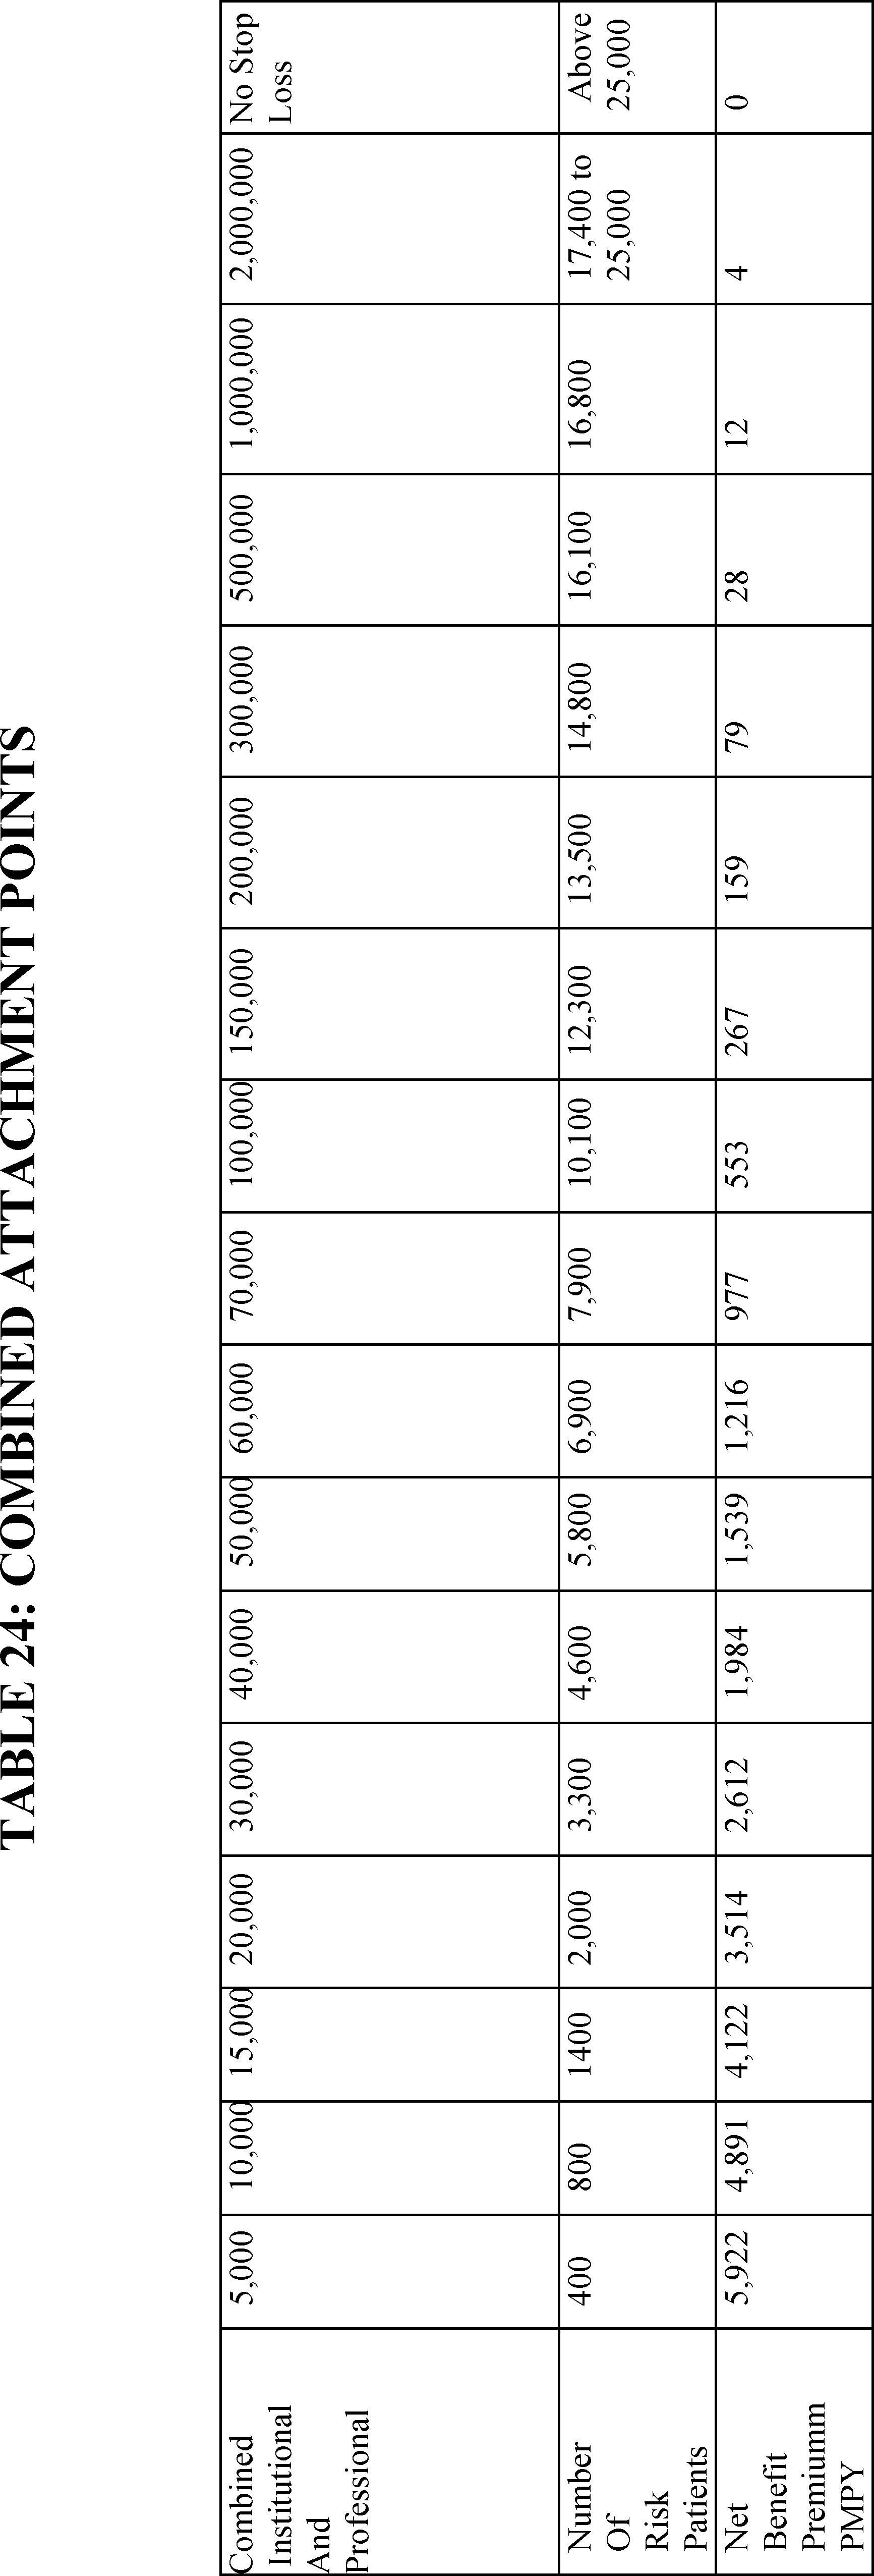 March 1 2019 Calendar Mejores Y Más Novedosos Federal Register Medicare Program Contract Year 2019 Policy and Of March 1 2019 Calendar Mejores Y Más Novedosos Romantyczny Kwiatowy Kalendarz Marca 2019 Ptakiem — Zdjęcie Stockowe